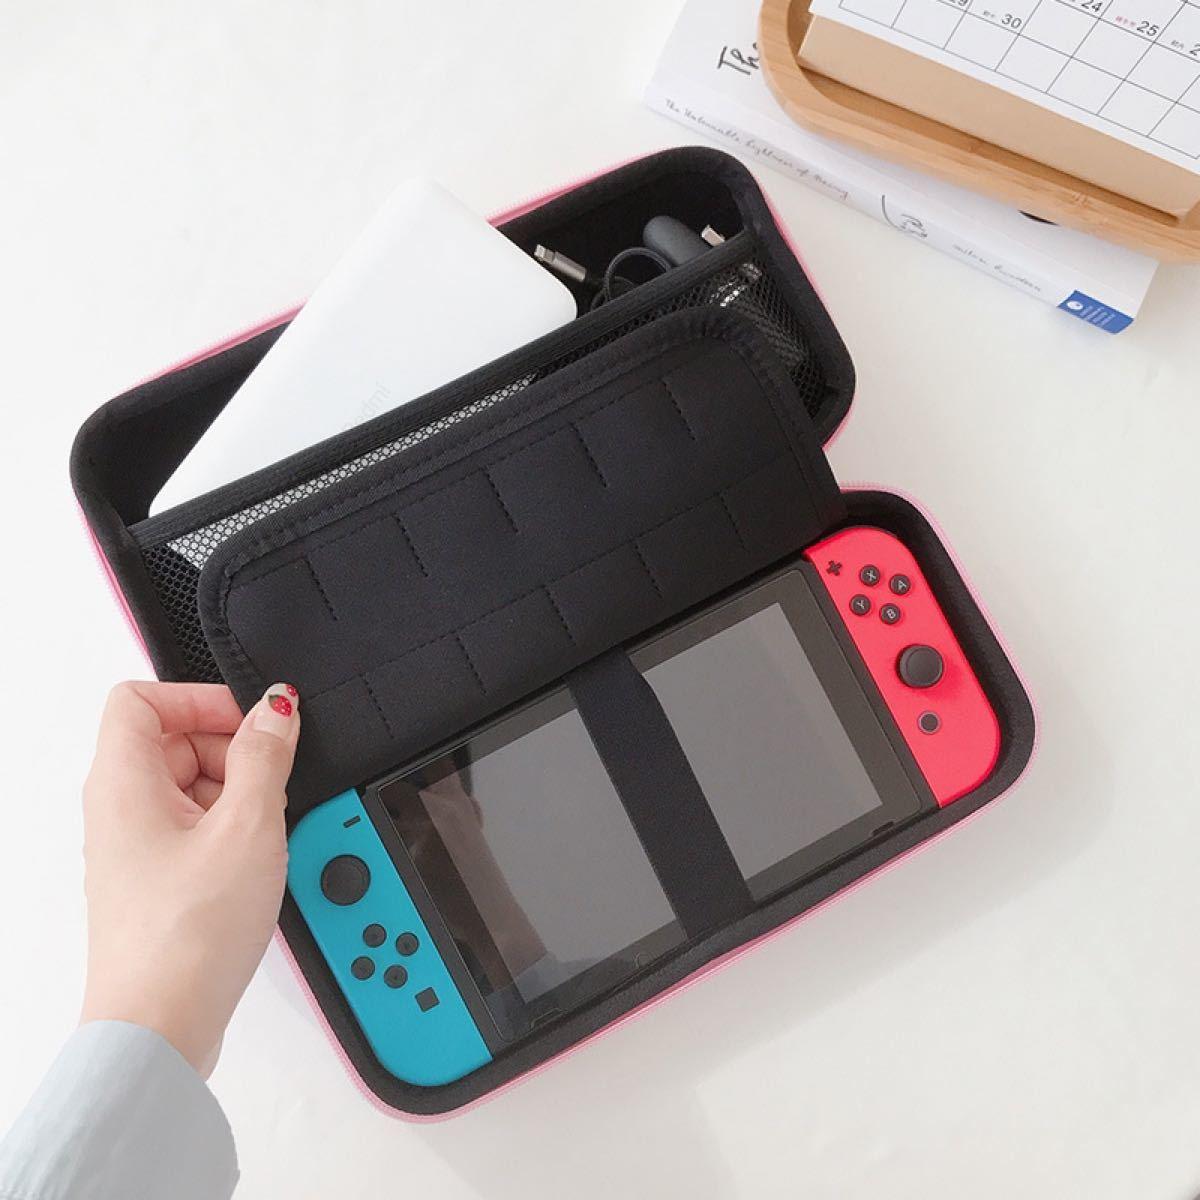 スイッチ 任天堂Switch 収納ケース 収納ケース 2in1 通用 ダッフィー